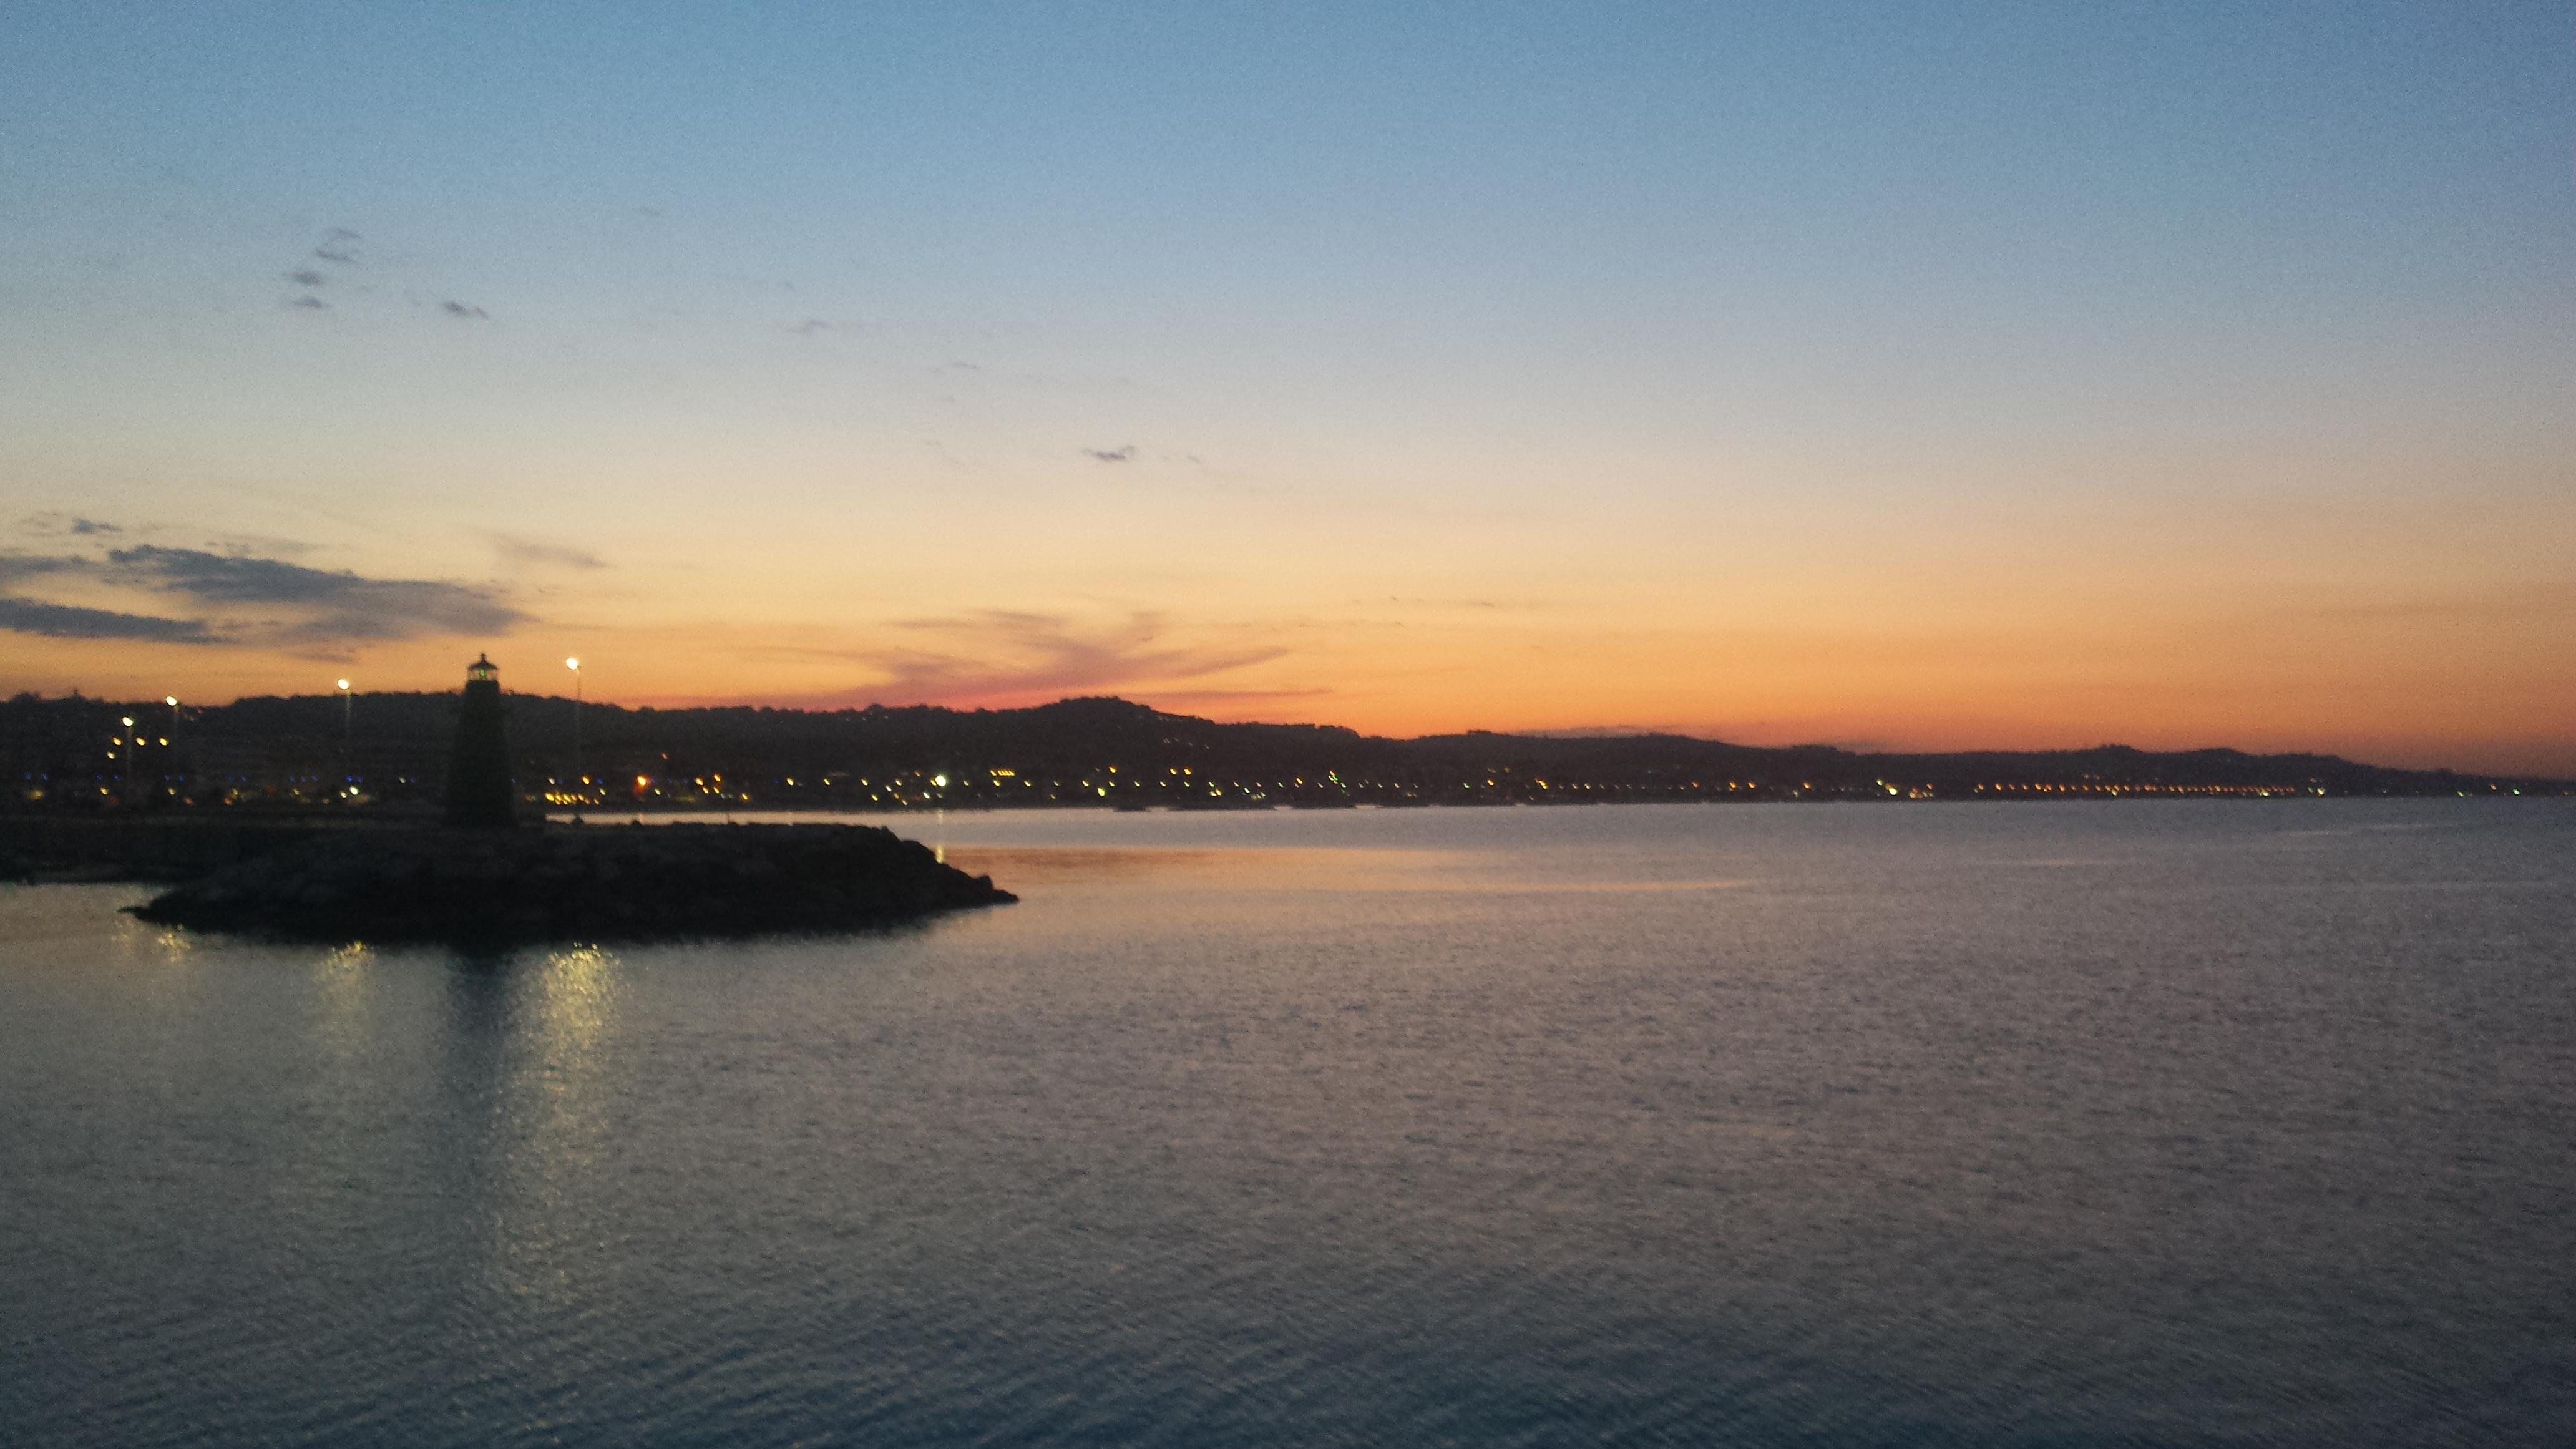 tramonto al modo